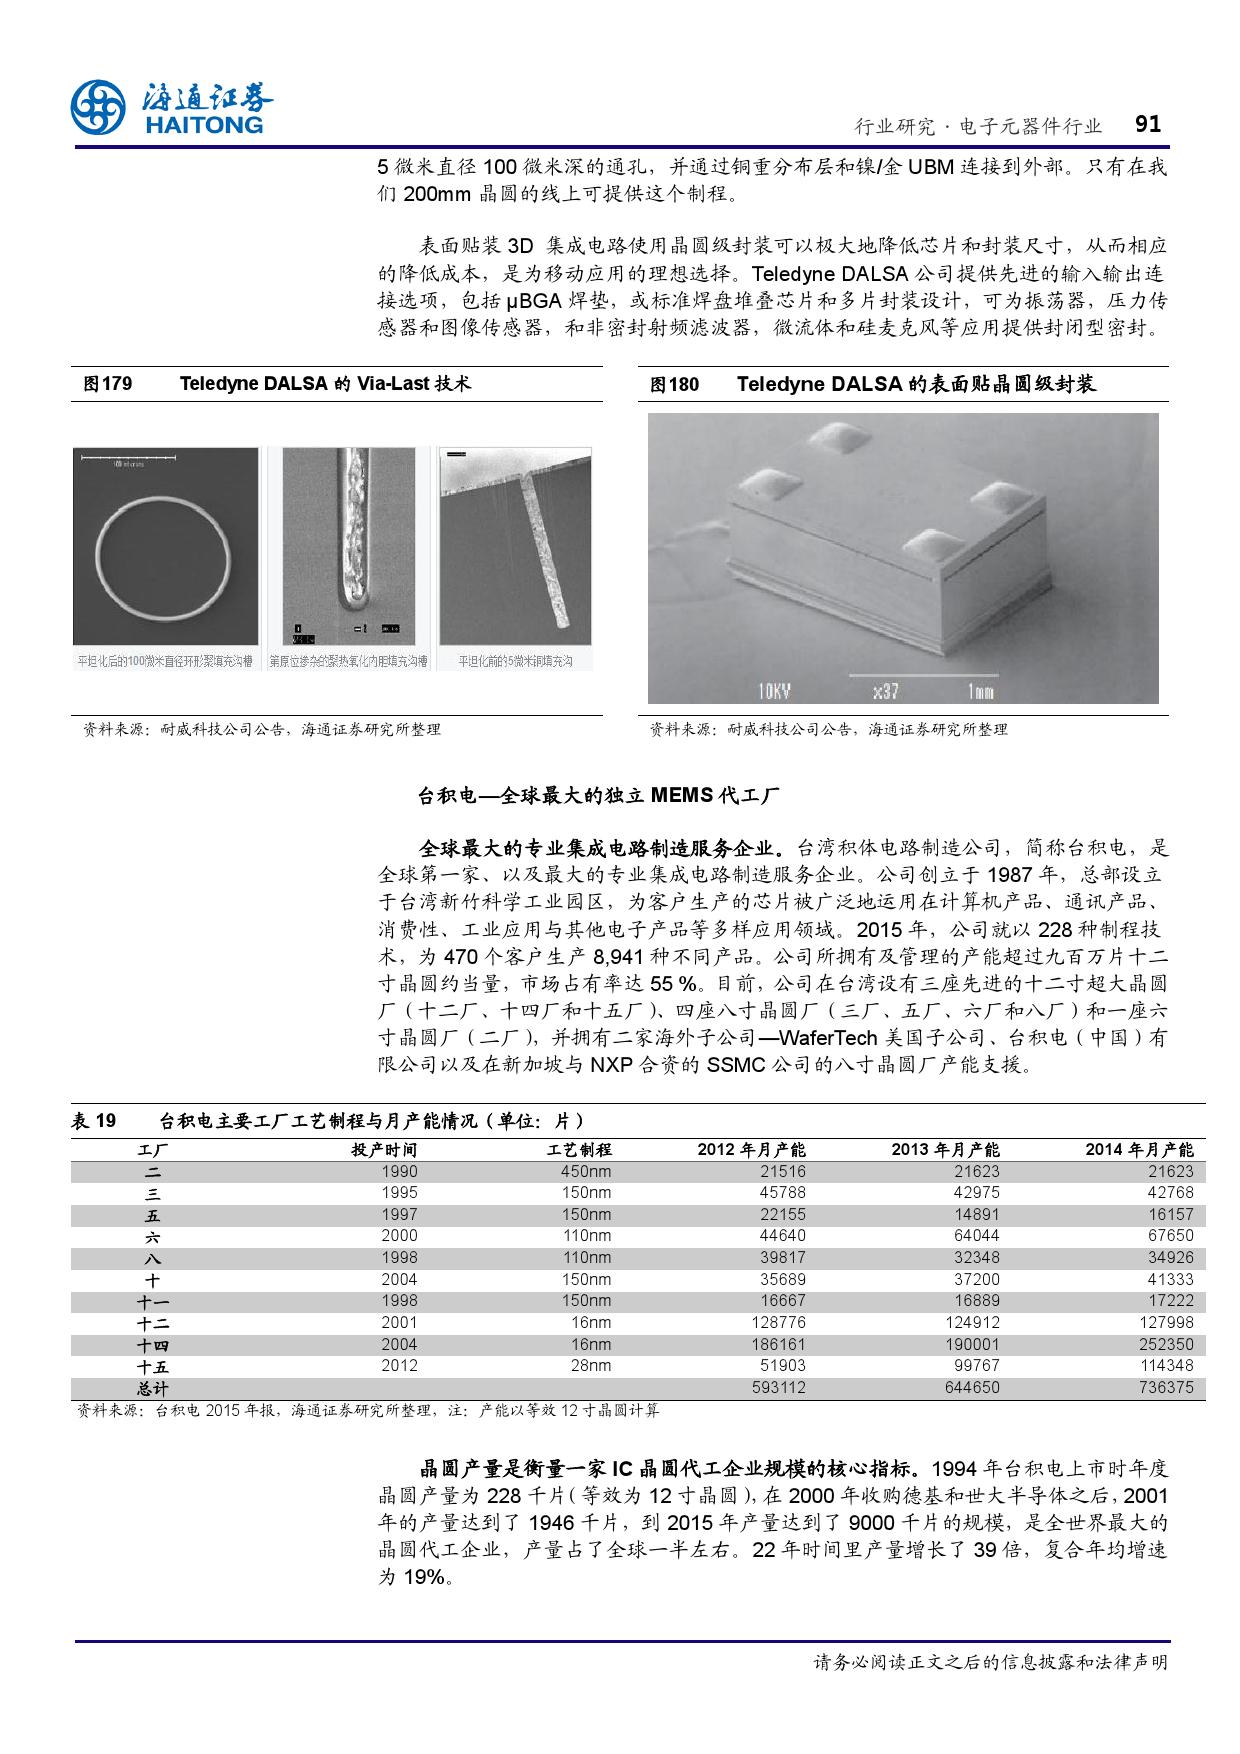 报告全解传感器全球产业链_000091